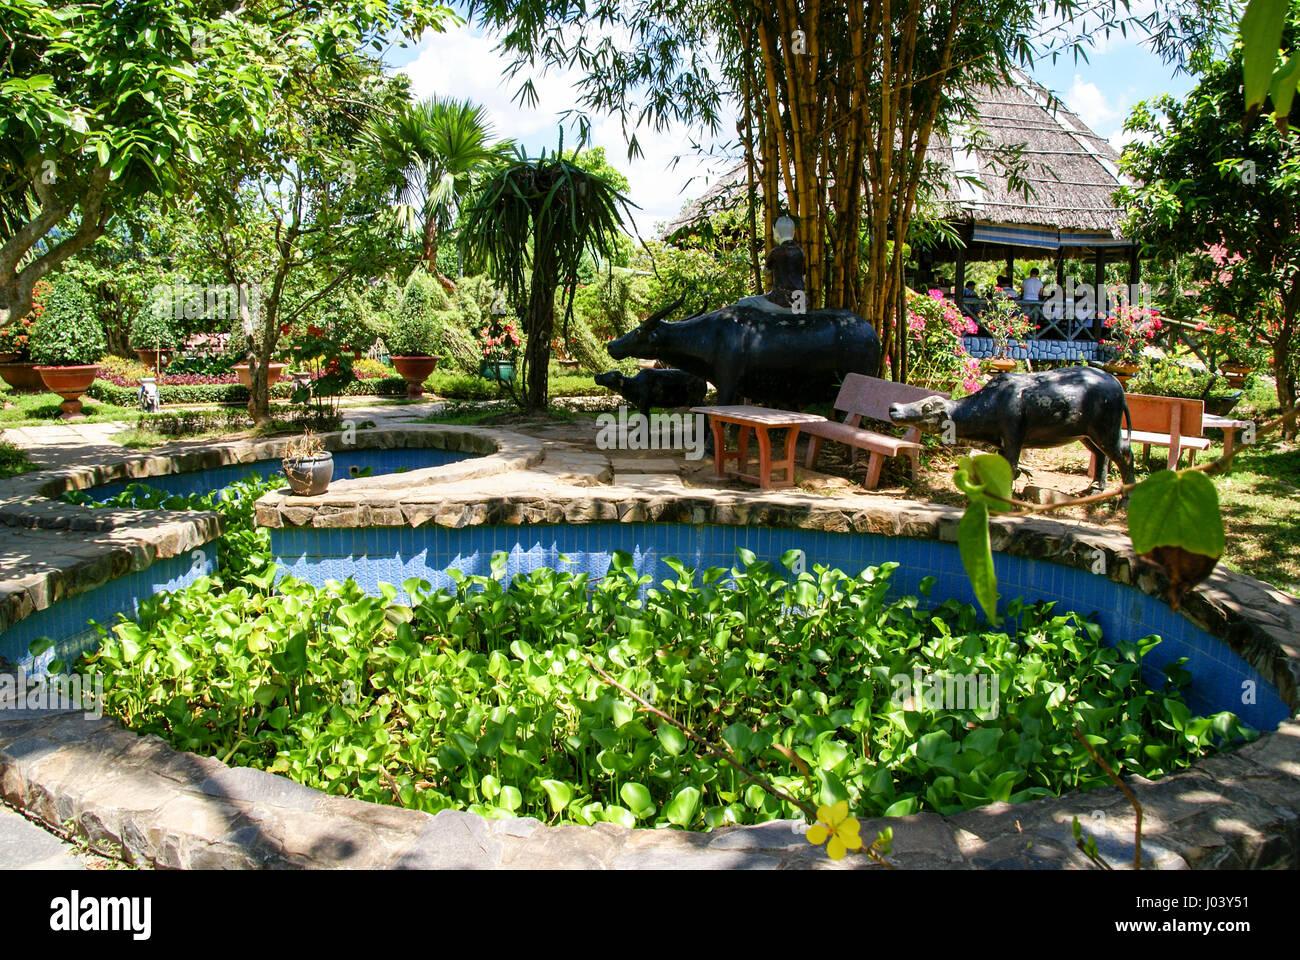 Schone Garten In Einem Outdoor Restaurant Im Mekong Delta Vietnam